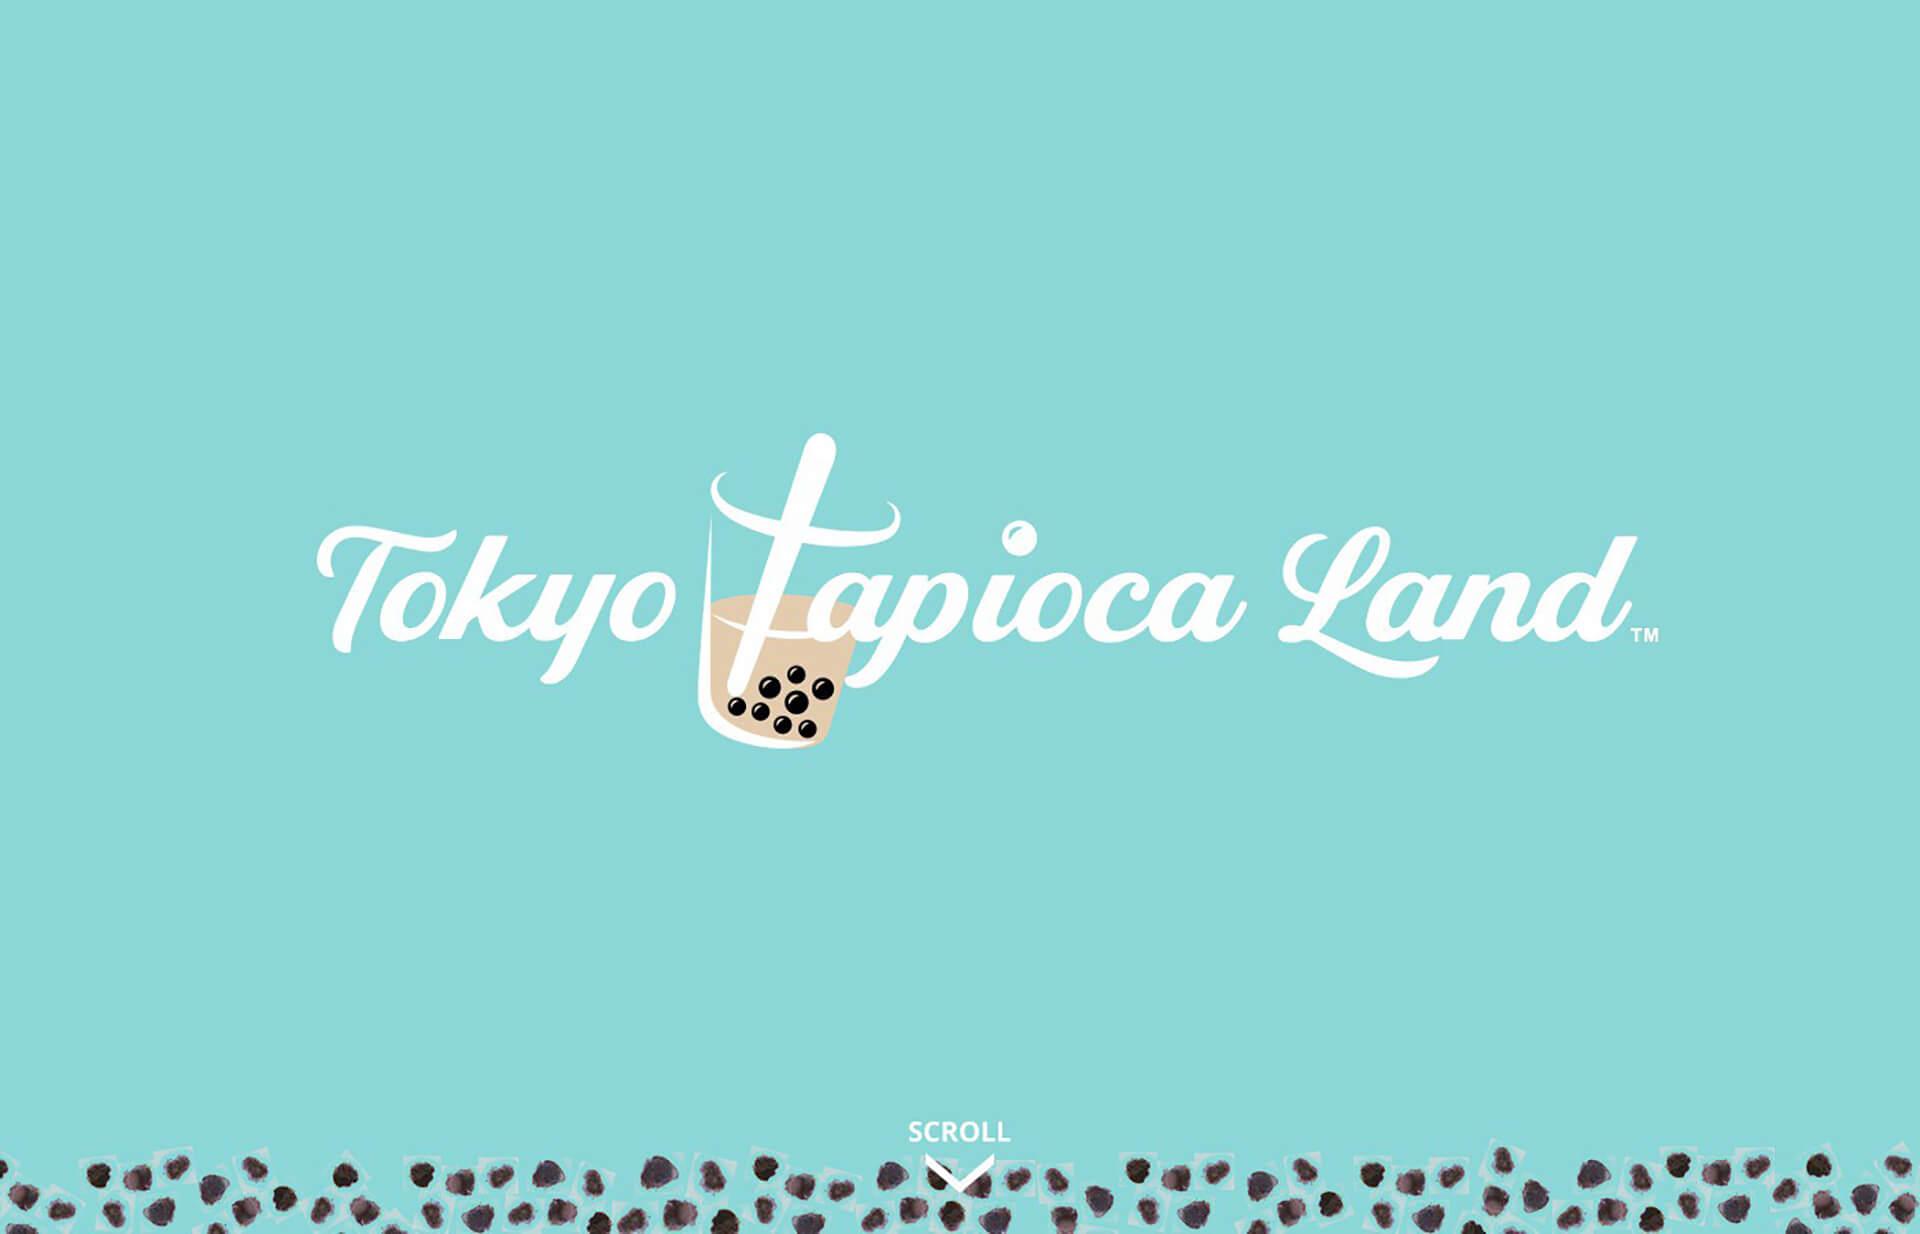 この写真は東京タピオカランドのメインビジュアル。イラスト的なもので、タピオカがえがかれています